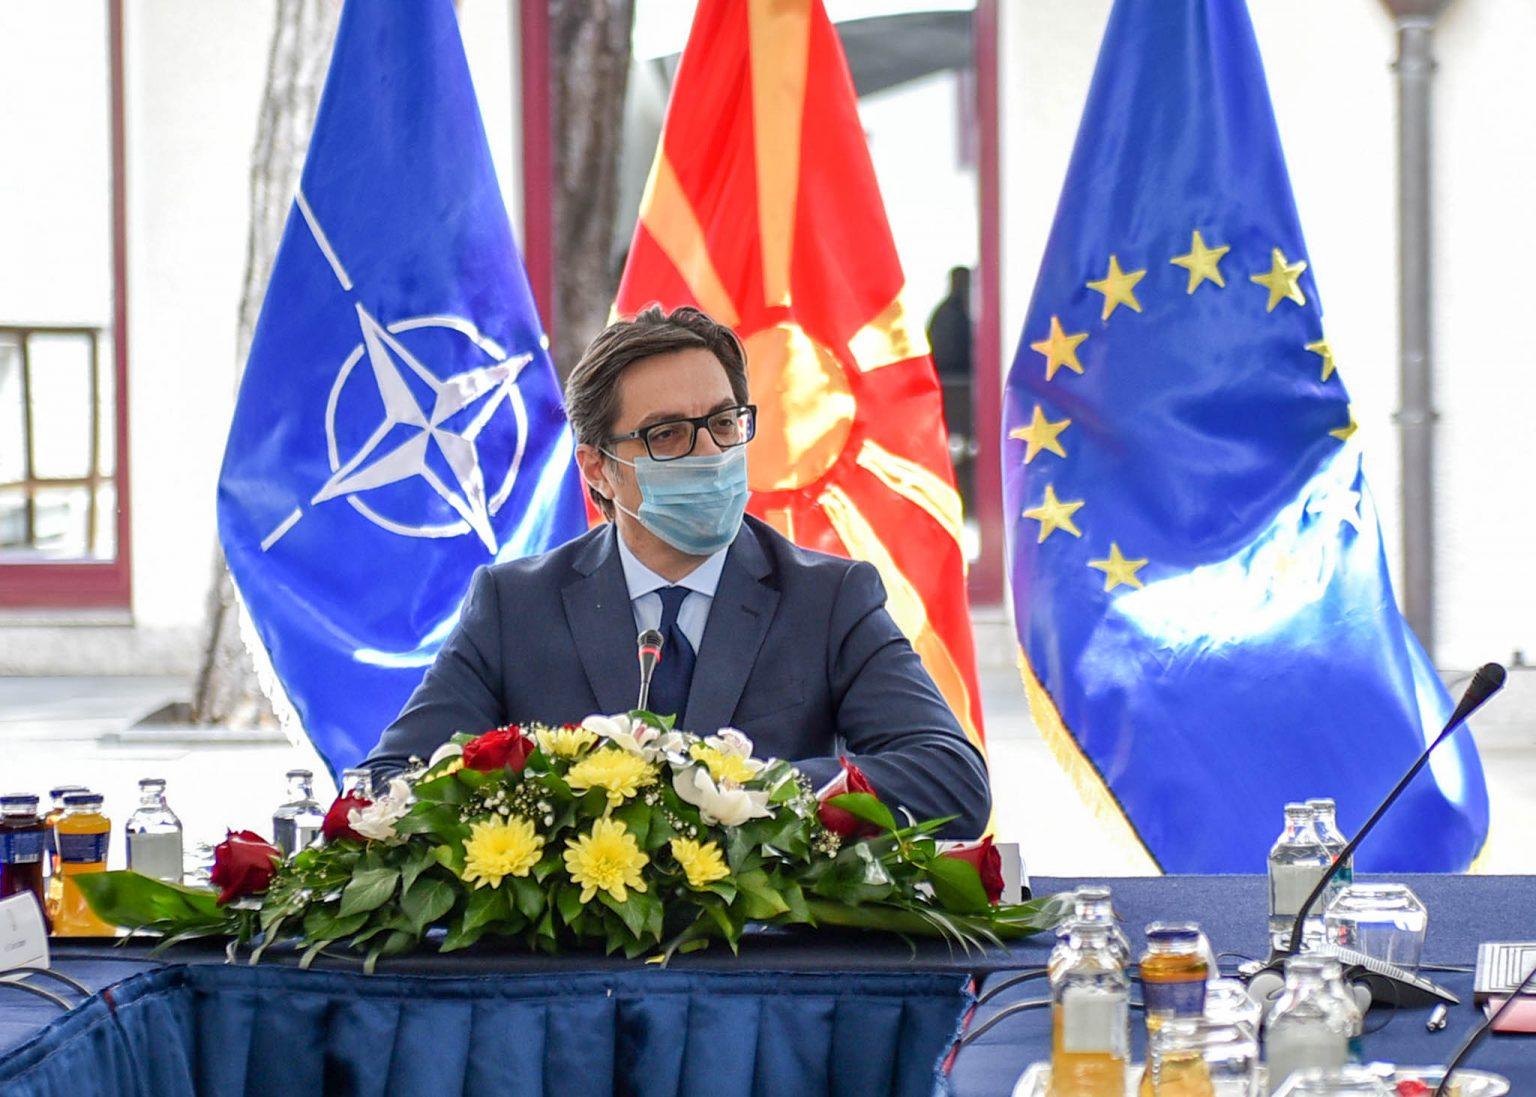 Βόρεια Μακεδονία: Pendarovski και Lajcak συναντήθηκαν στη Μπρατισλάβα